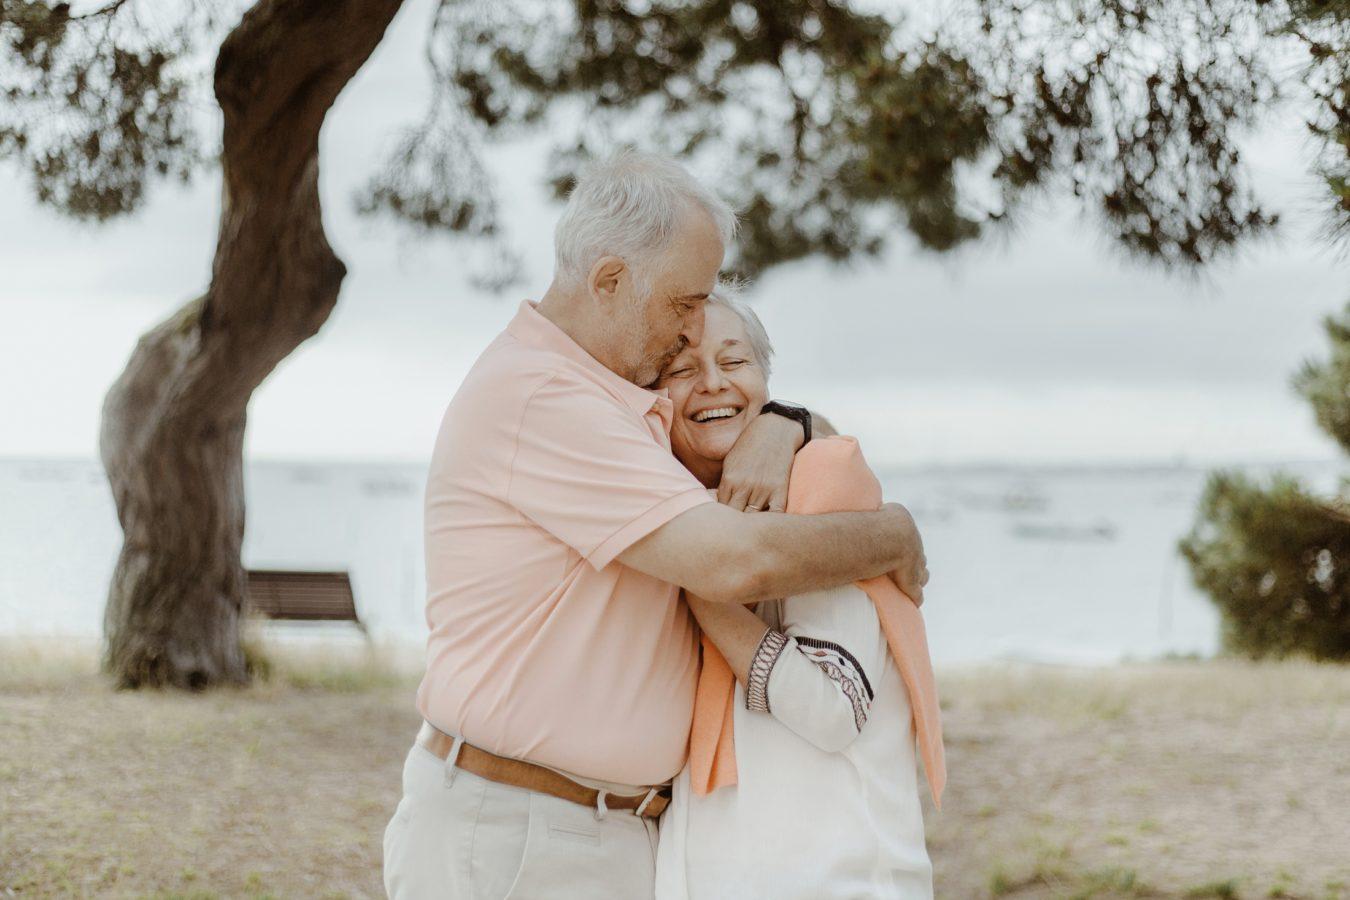 Séance photo intergenérationnelle en famille avec grands parents pour des souvenirs à Bordeaux et sur le Bassin d'Arcachon